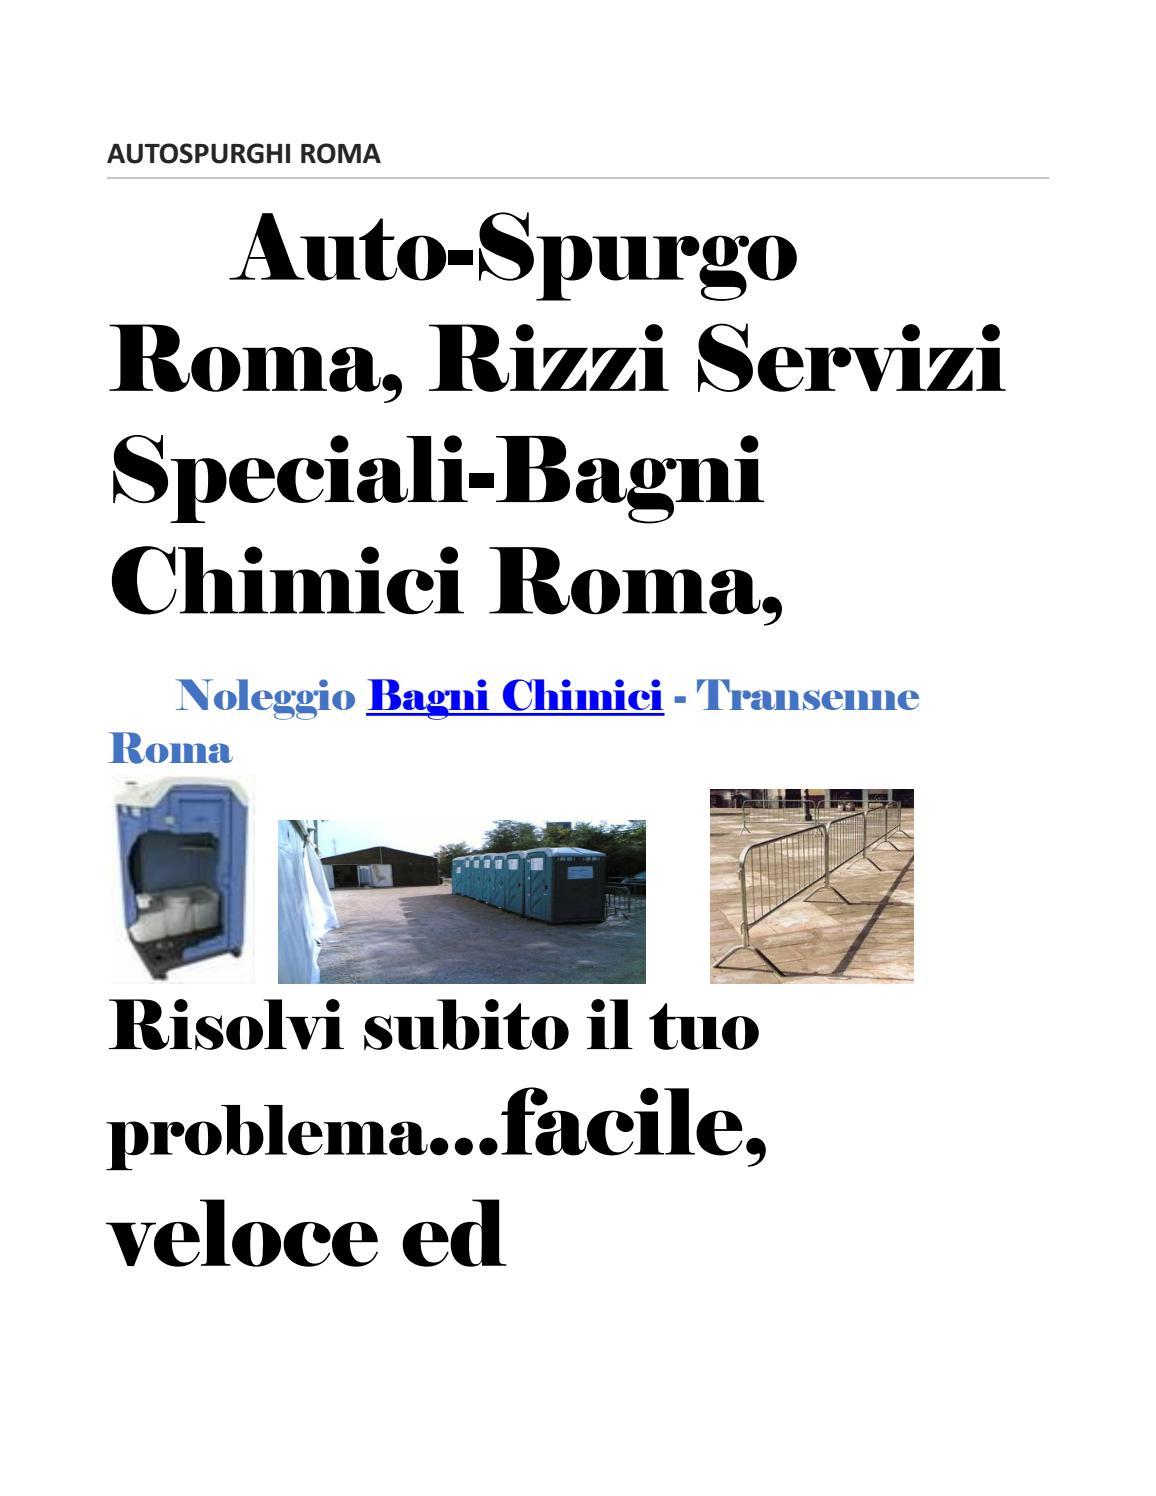 Autospurghi roma by autospurgo roma issuu - Noleggio bagni chimici roma ...